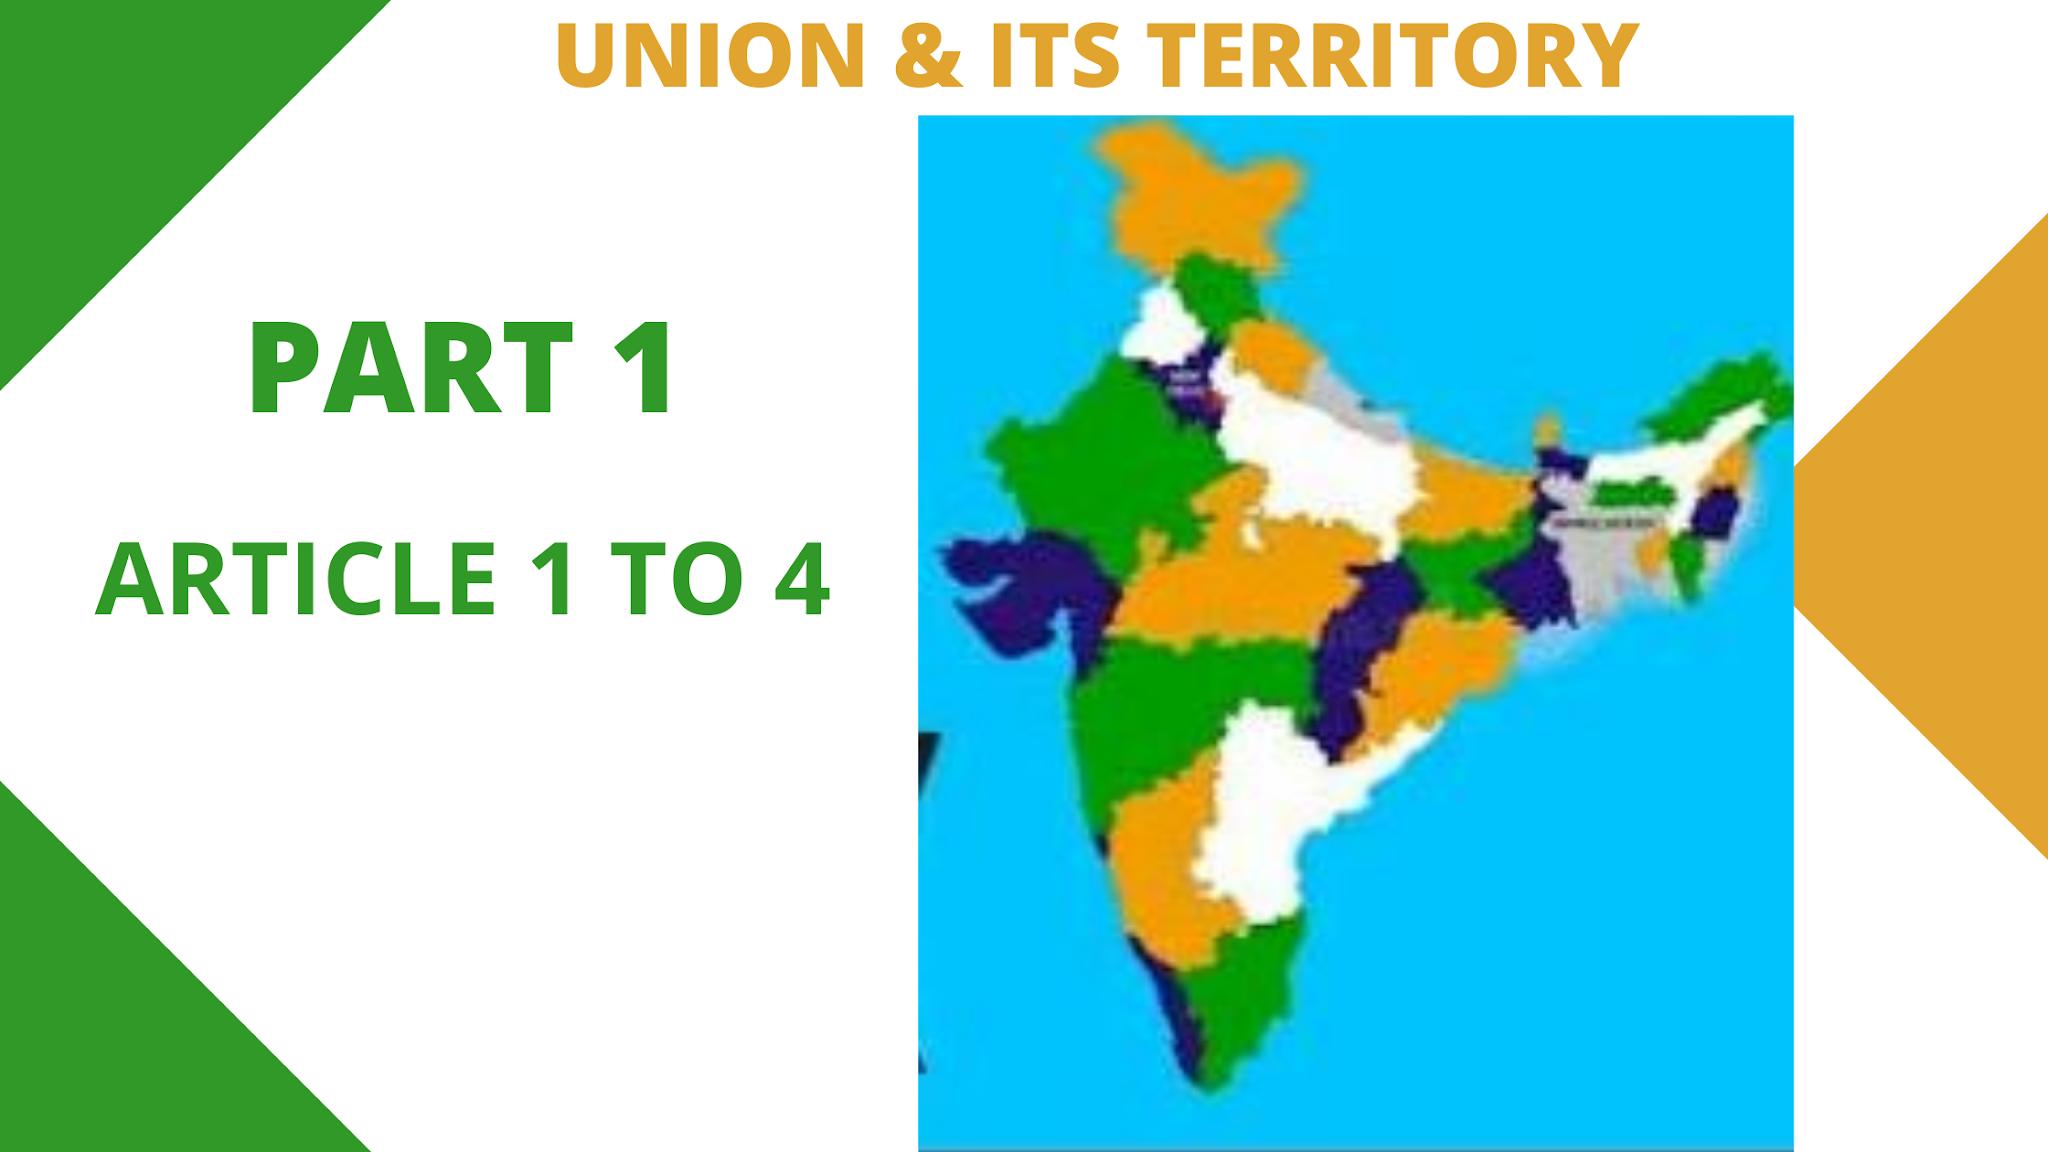 Articles 1 to 15th of Indian Constitution| Polity | ഇന്ത്യൻ ഭരണഘടനയുടെ ആർട്ടിക്കിളുകൾ 1 മുതൽ 15 വരെ -രാഷ്ട്രീയം_50.1